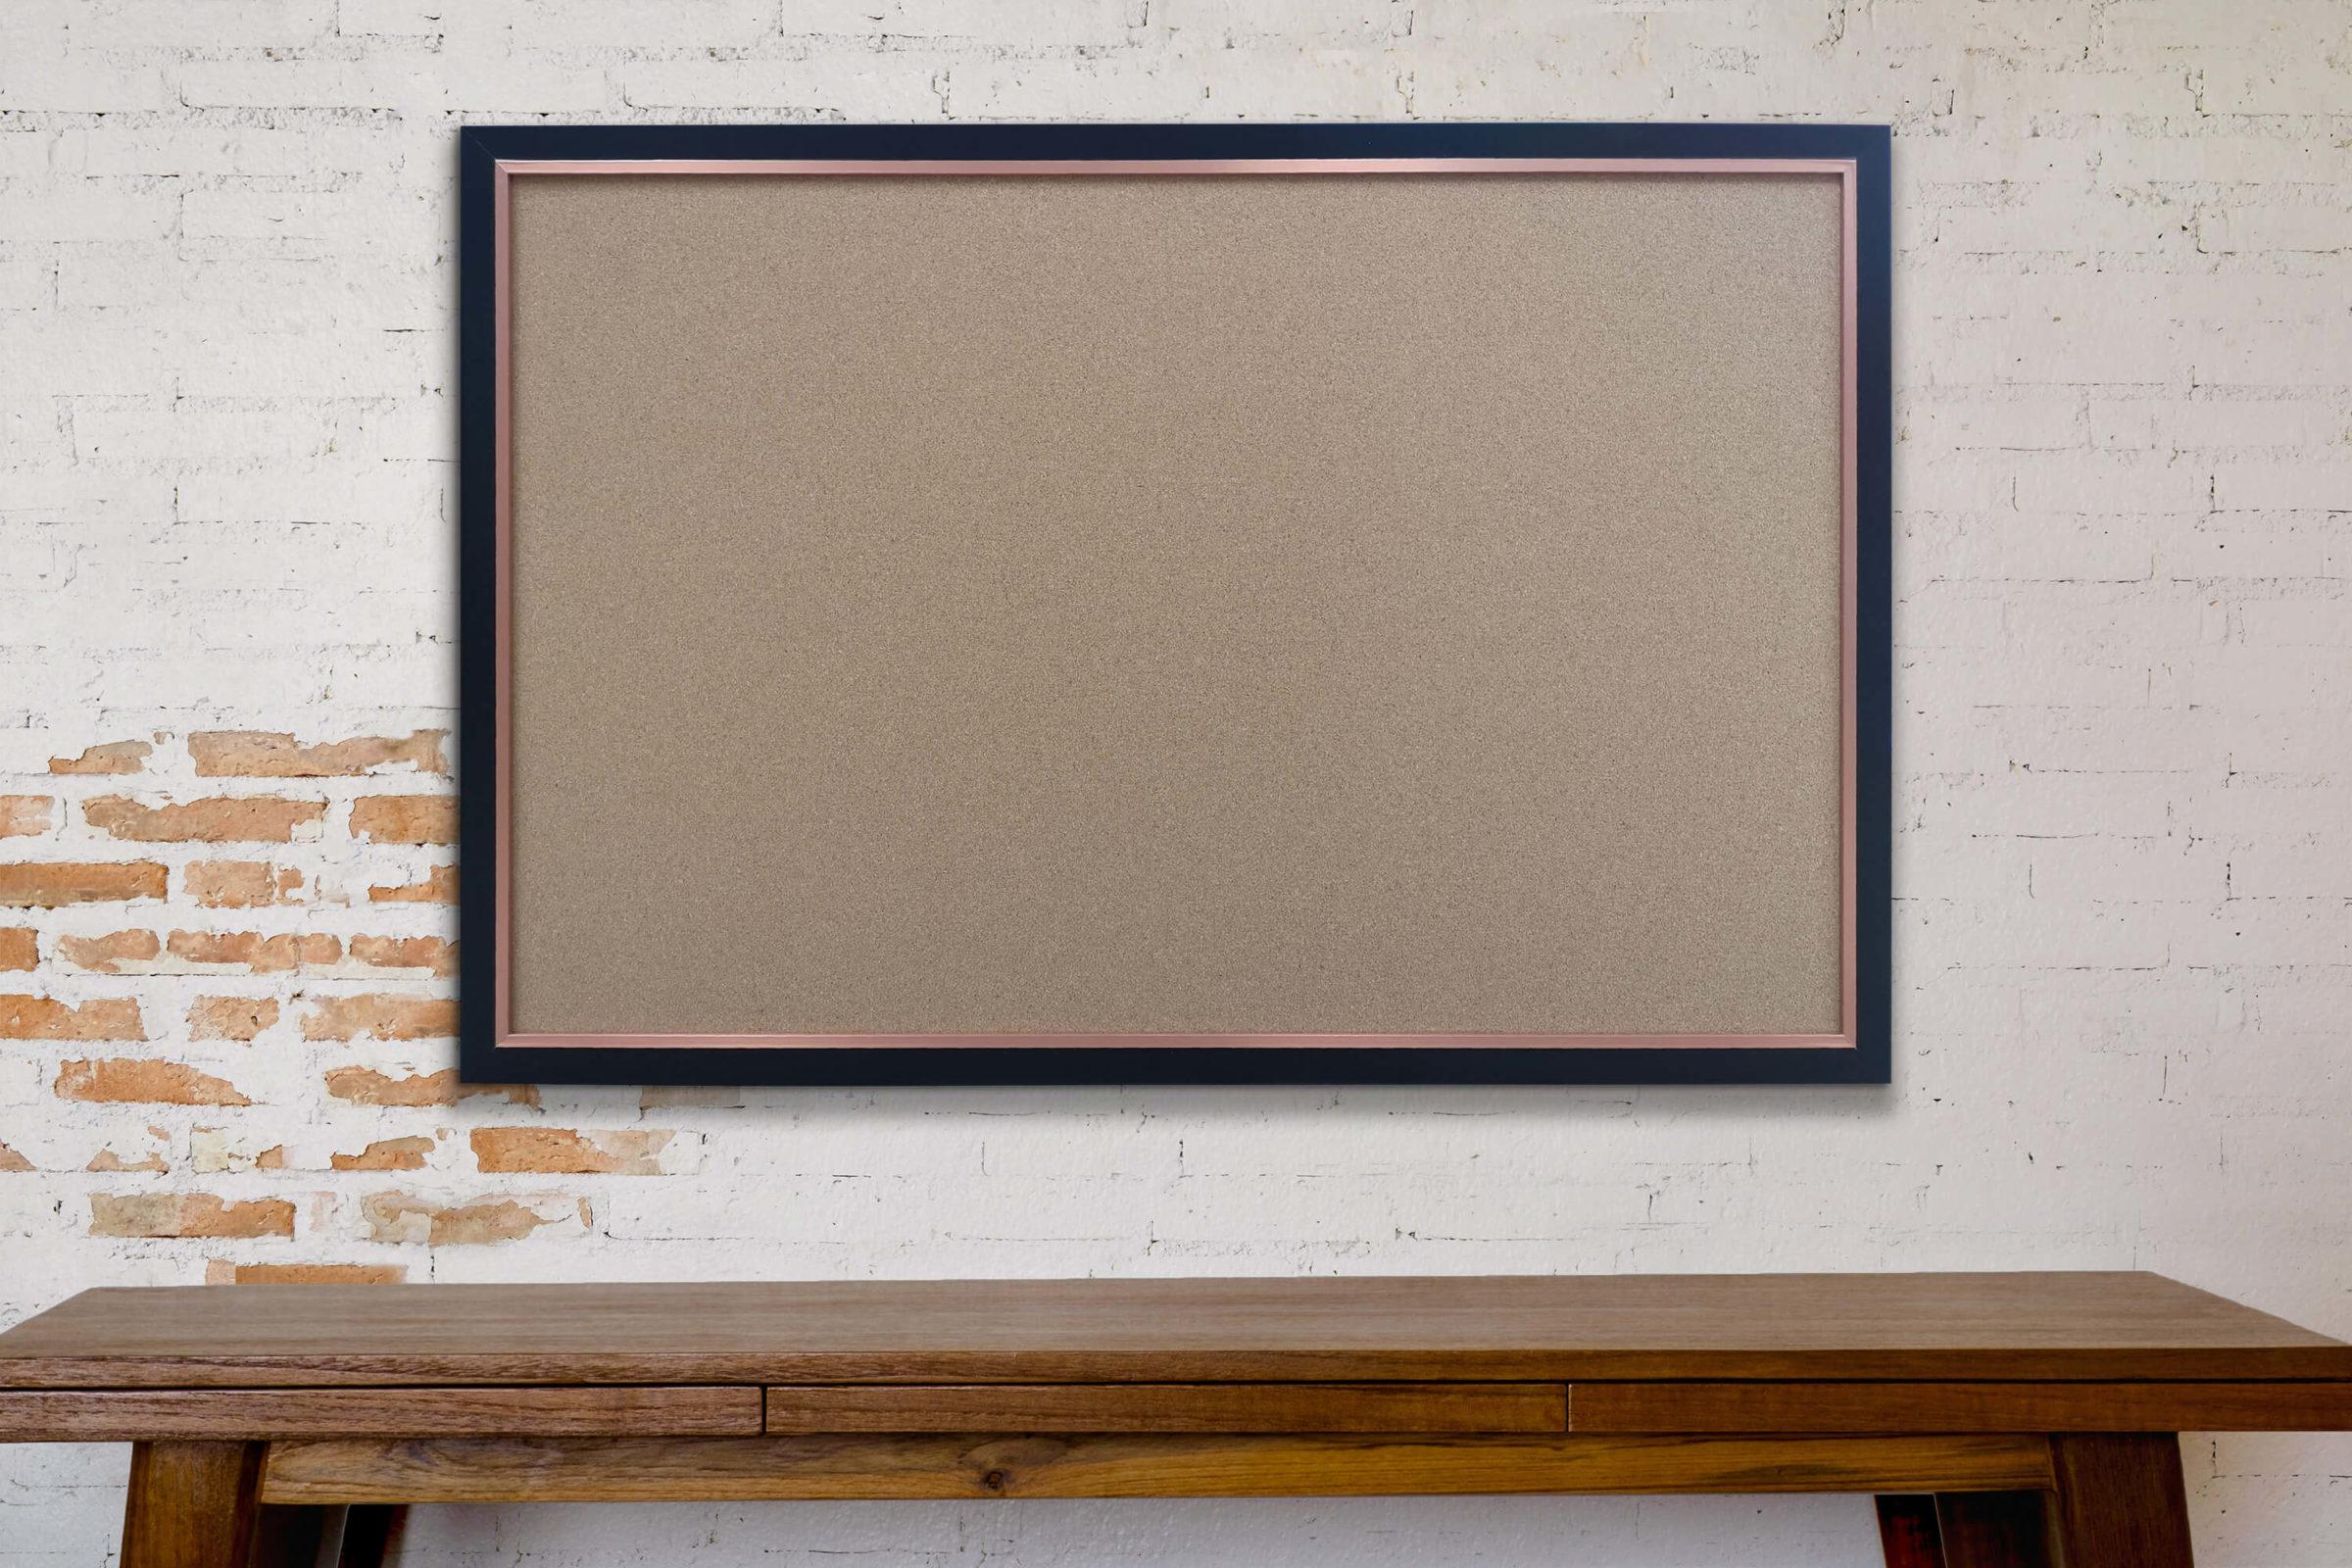 לוח שעם עם מסגרת עץ שחורה